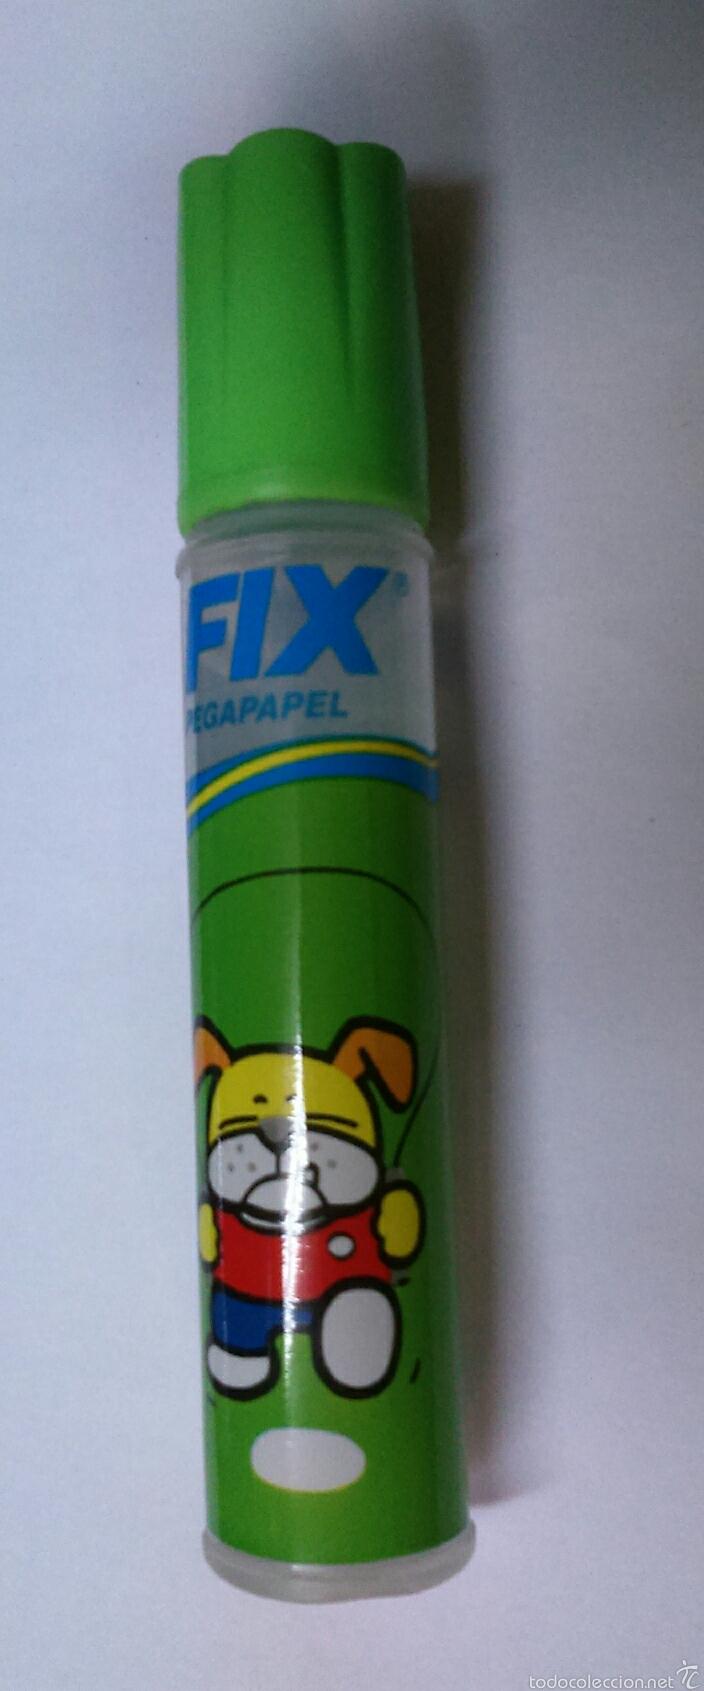 Coleccionismo: Pegamento Fix pegapapel, Nuevo. Años 80. Con estampado - Foto 3 - 54281197